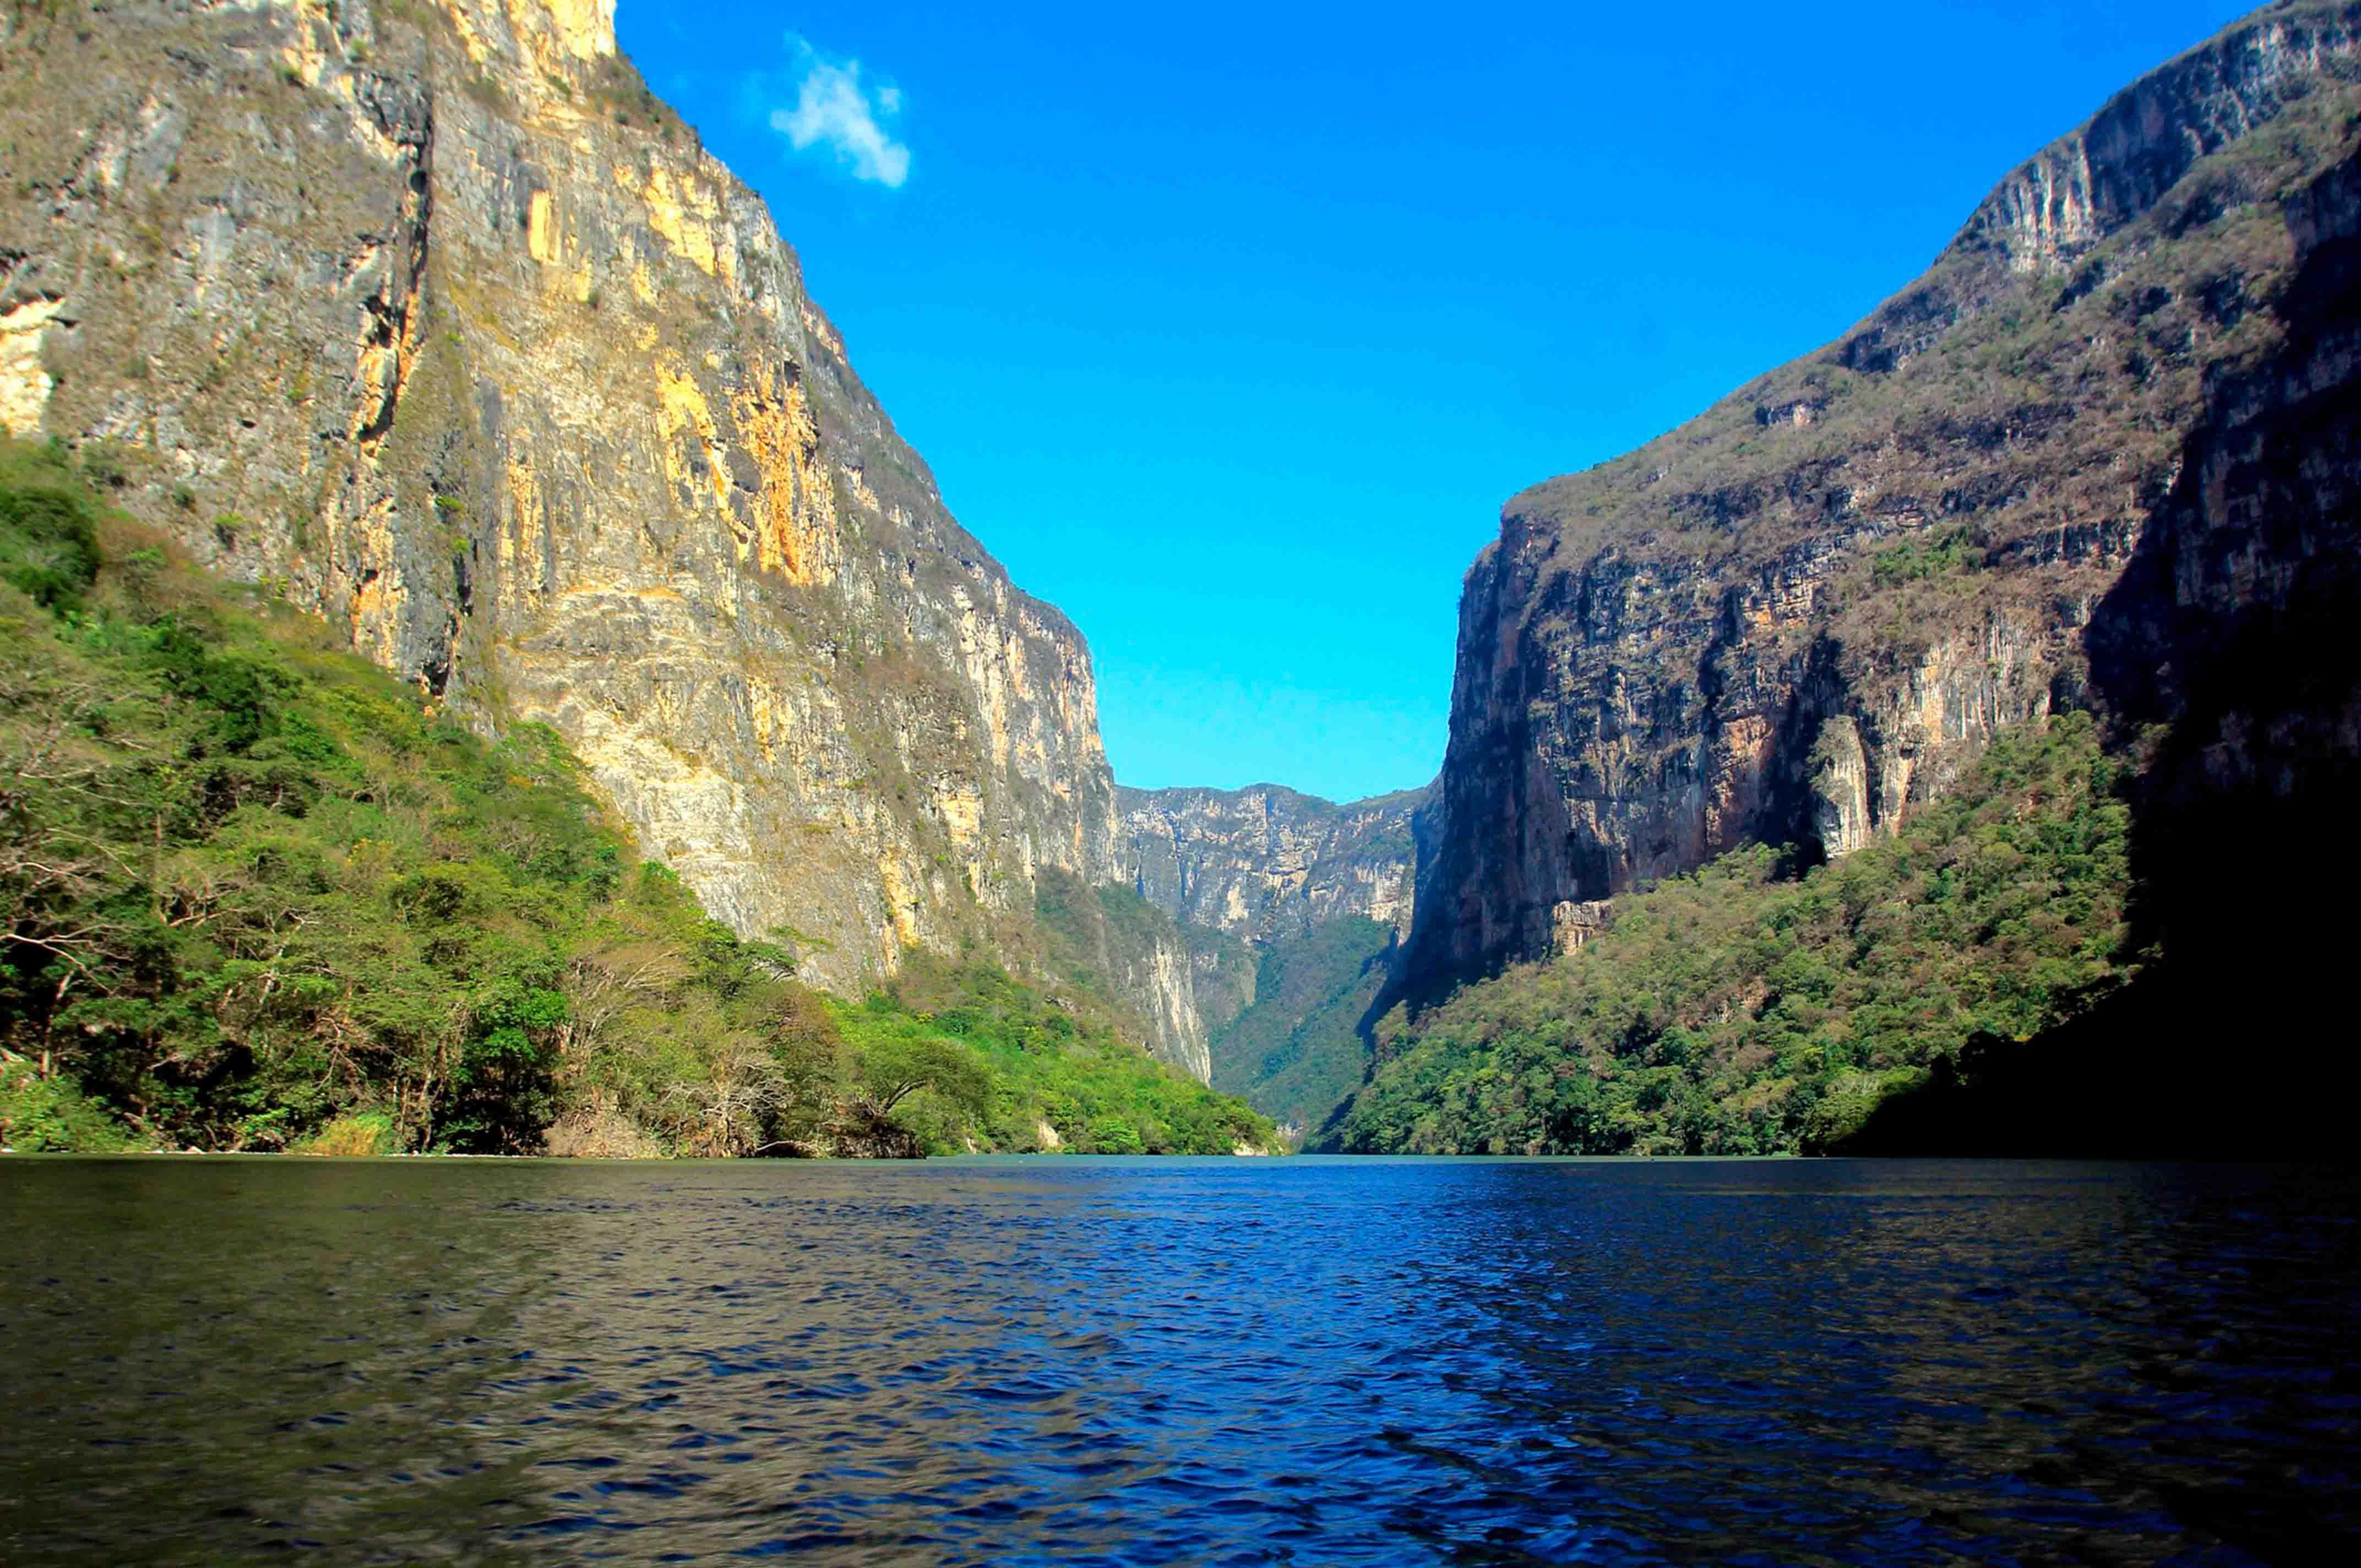 Majestuoso Cañón del Sumidero